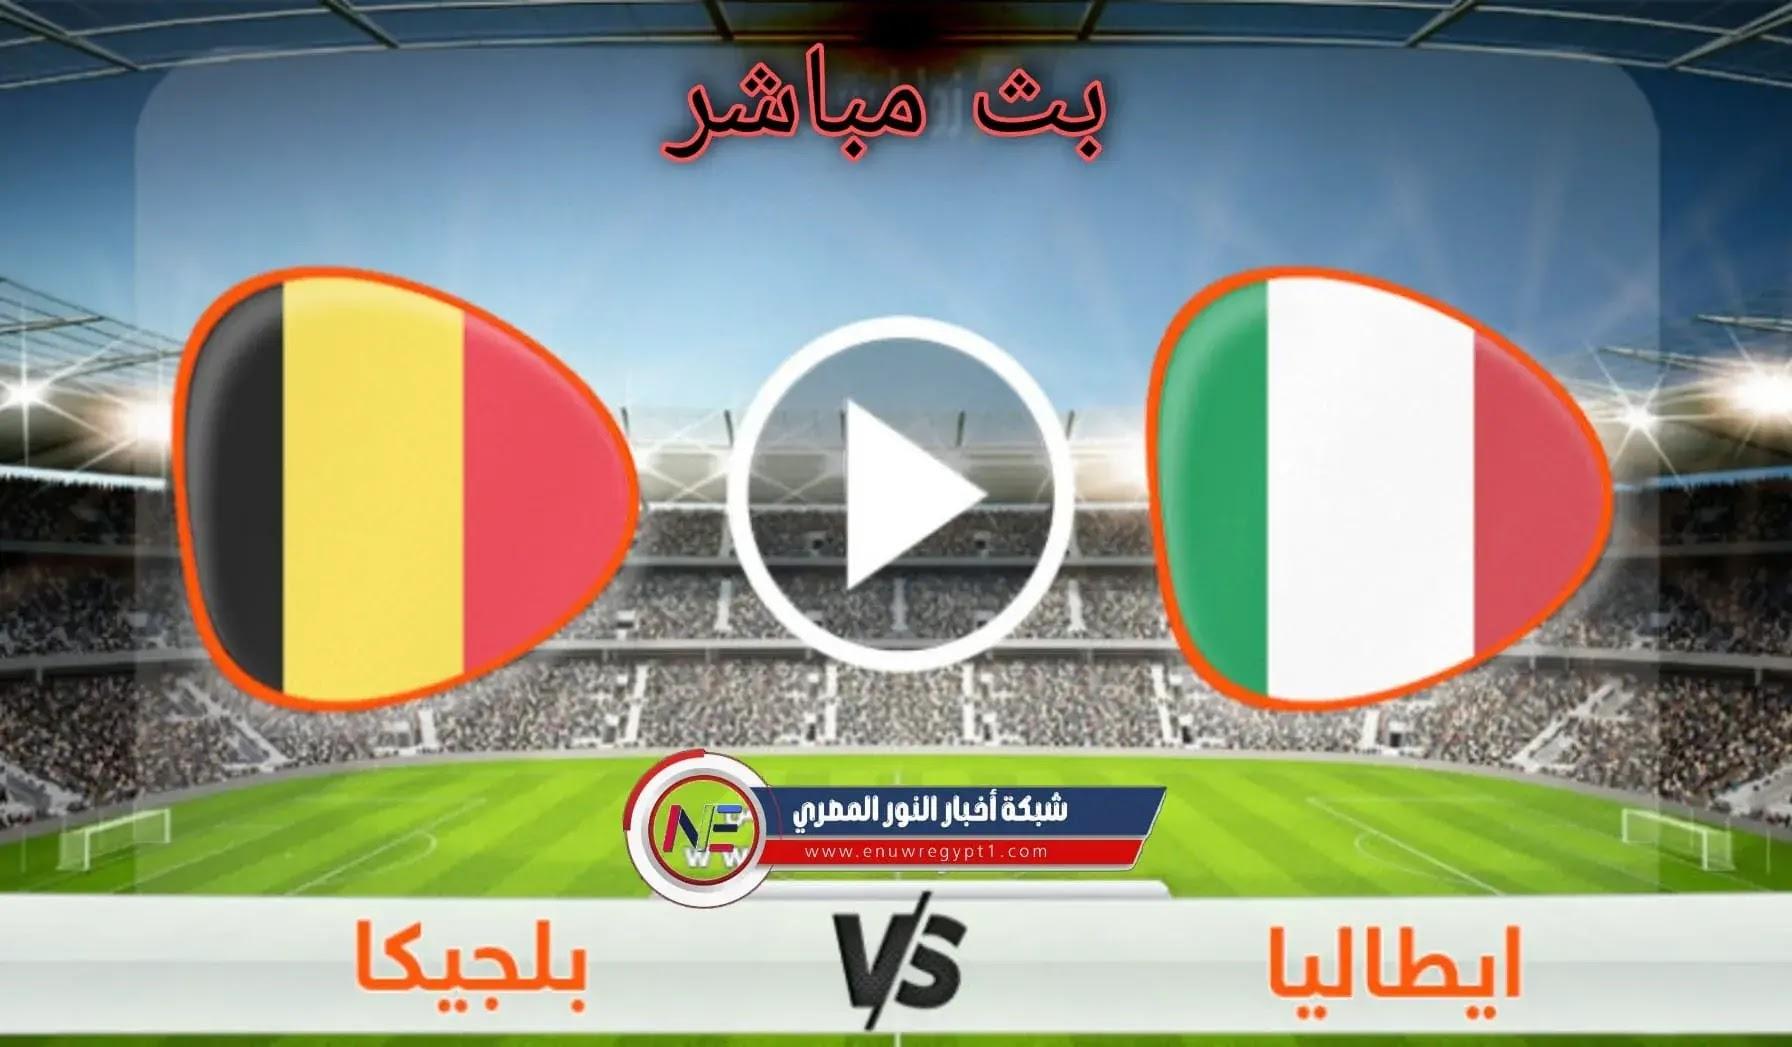 يلا شوت يوتيوب .. بث مباشر مباراة ايطاليا و بلجيكا اليوم 10-10-2021 لايف الان في دورى الامم الأوروبية بجودة عالية